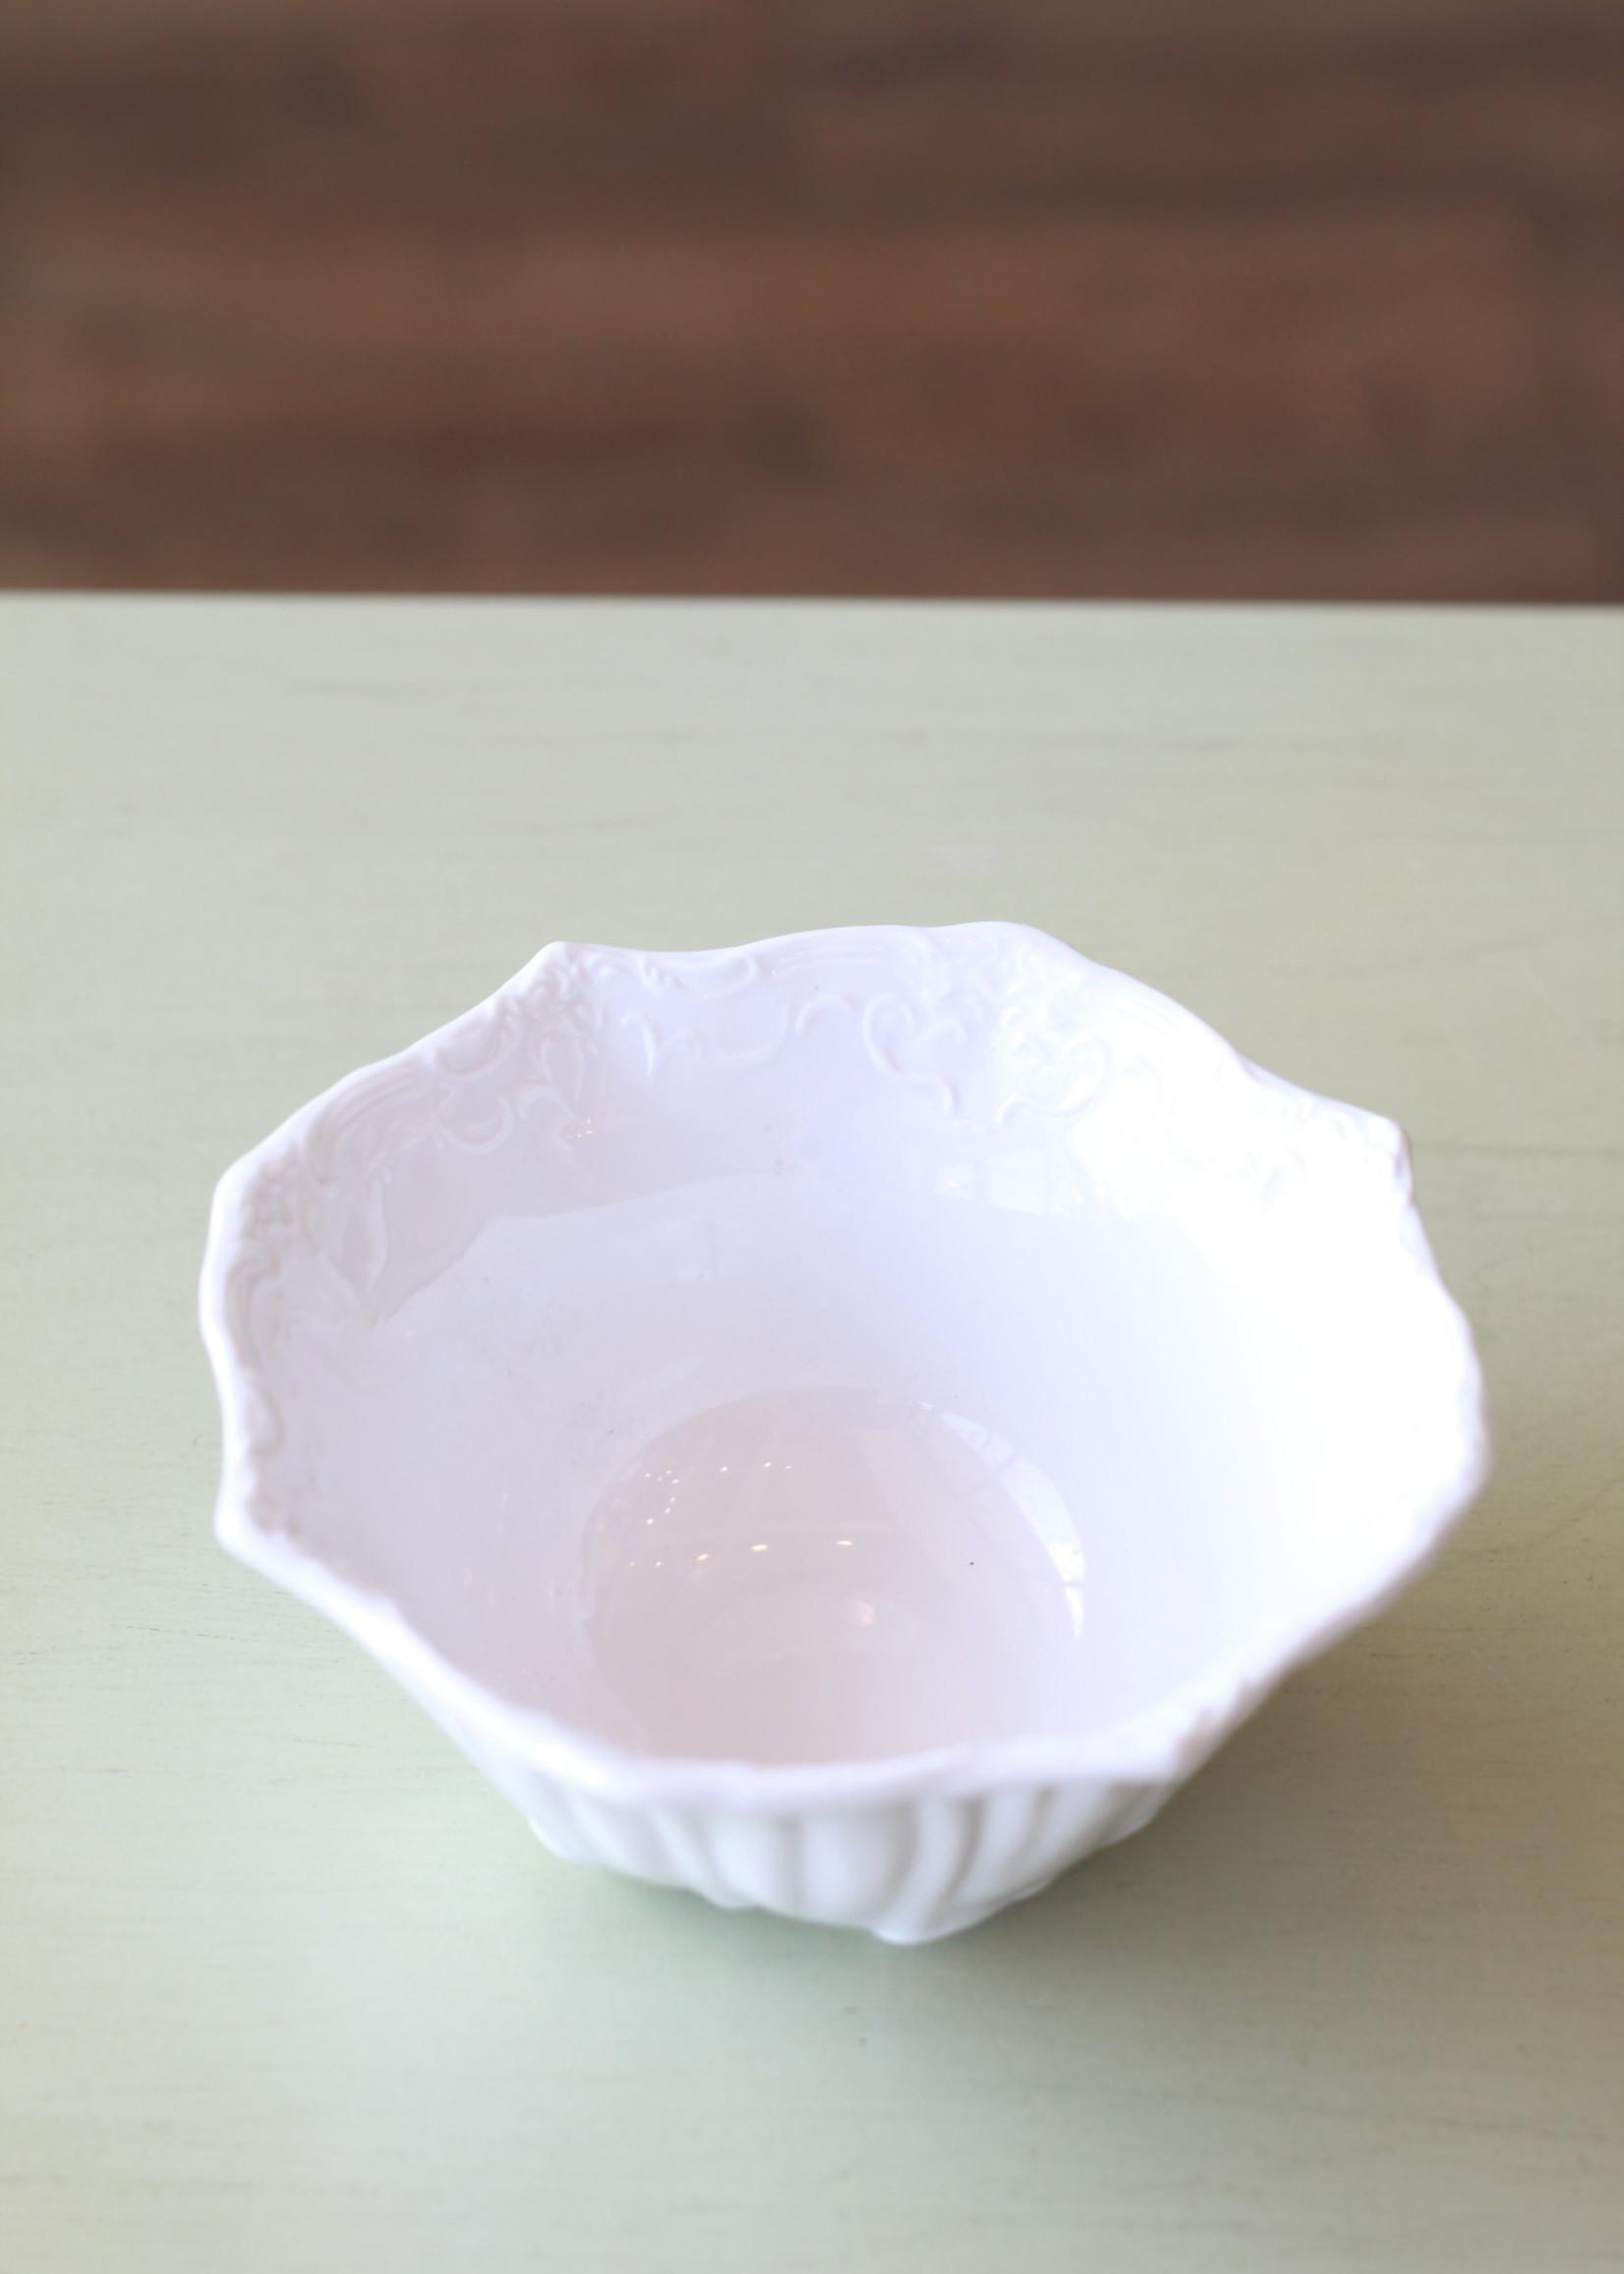 Ceramic White Dish